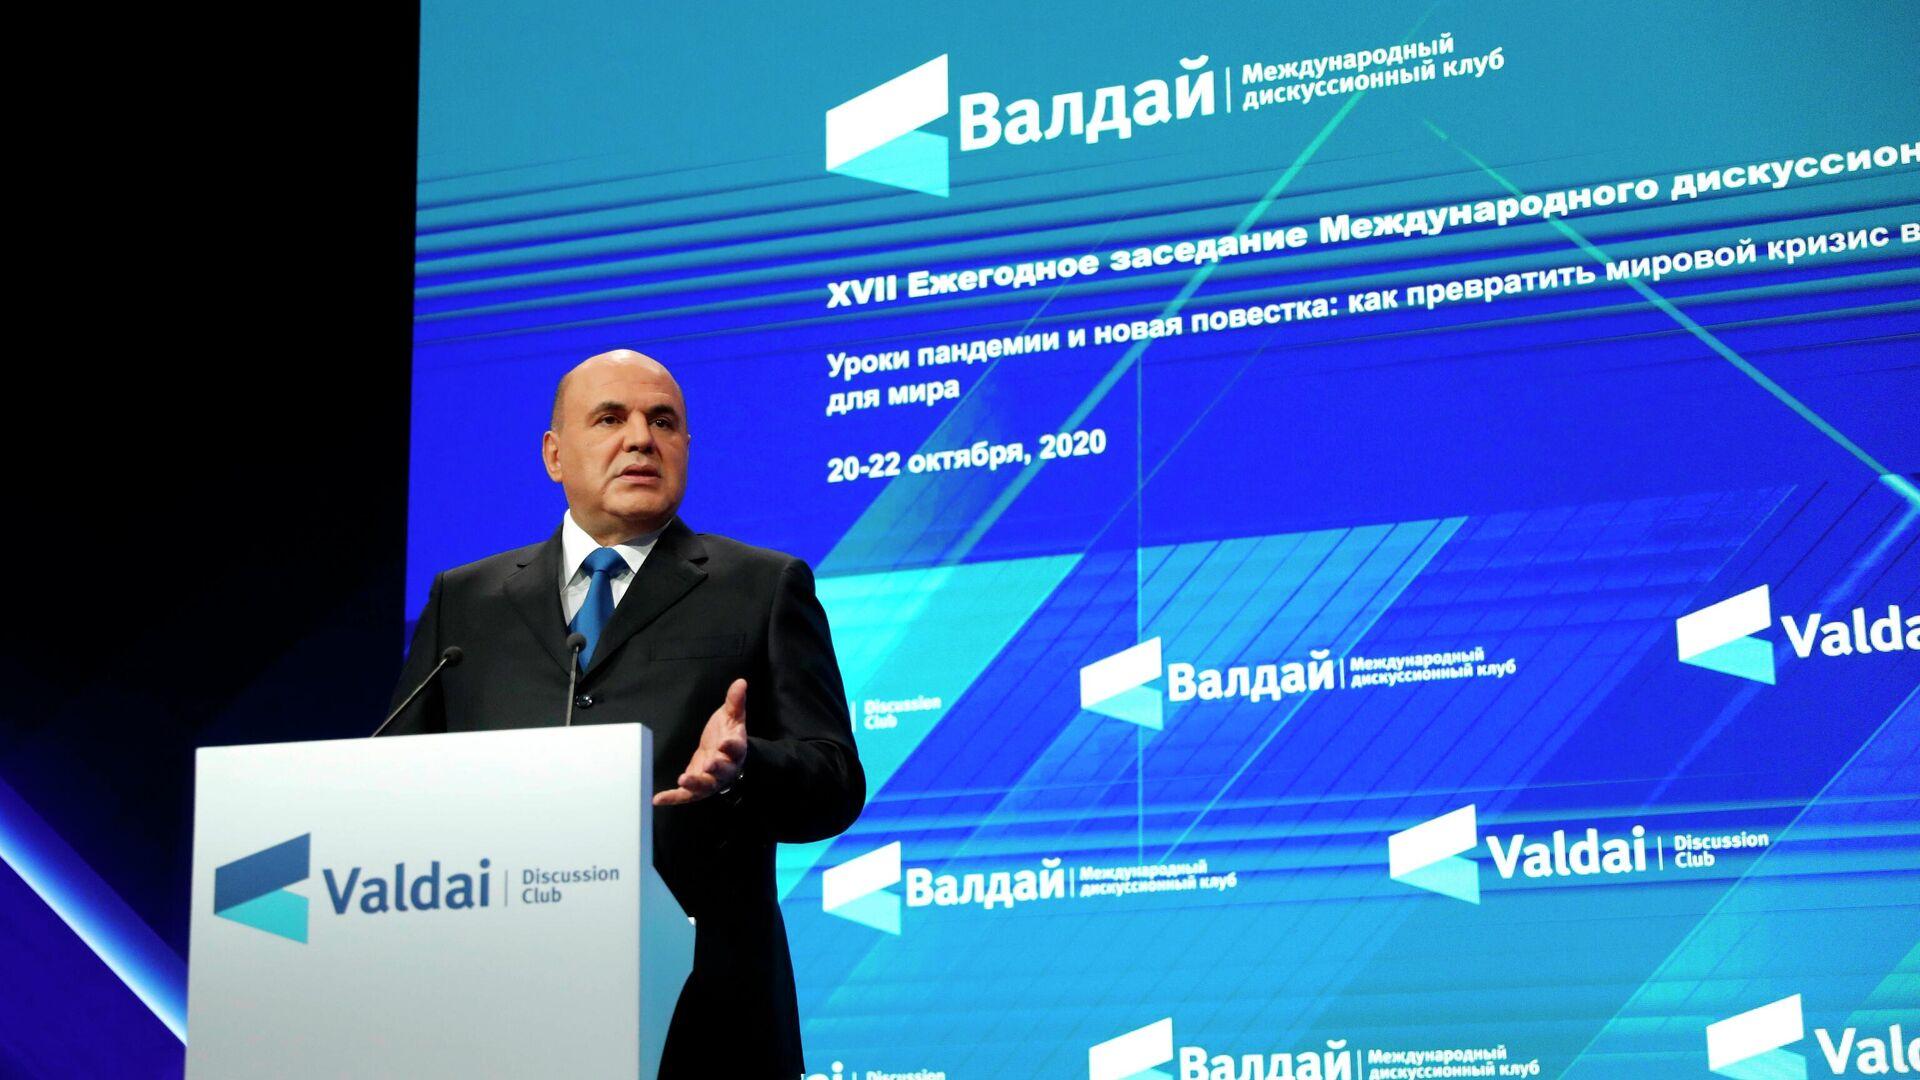 Мишустин: нужен баланс между производством и потреблением цифровых услуг